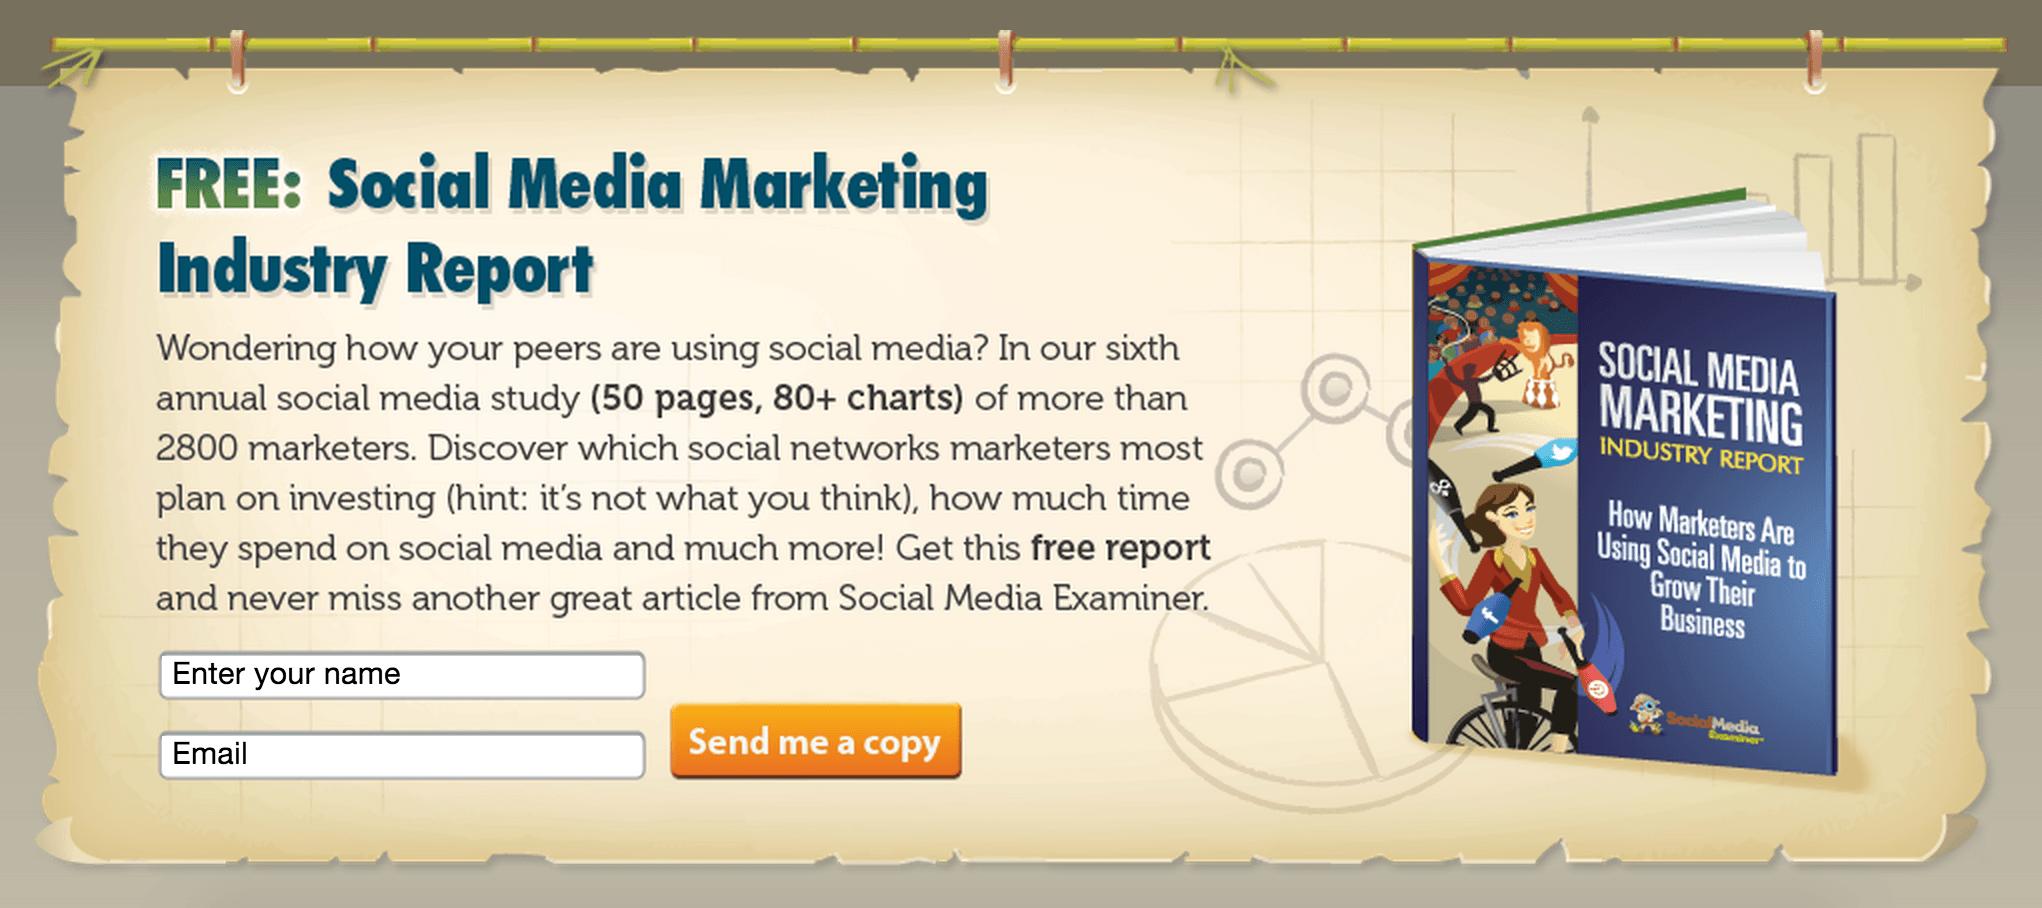 Img 5. Social Media Examiner Free Report on Social Media Marketing